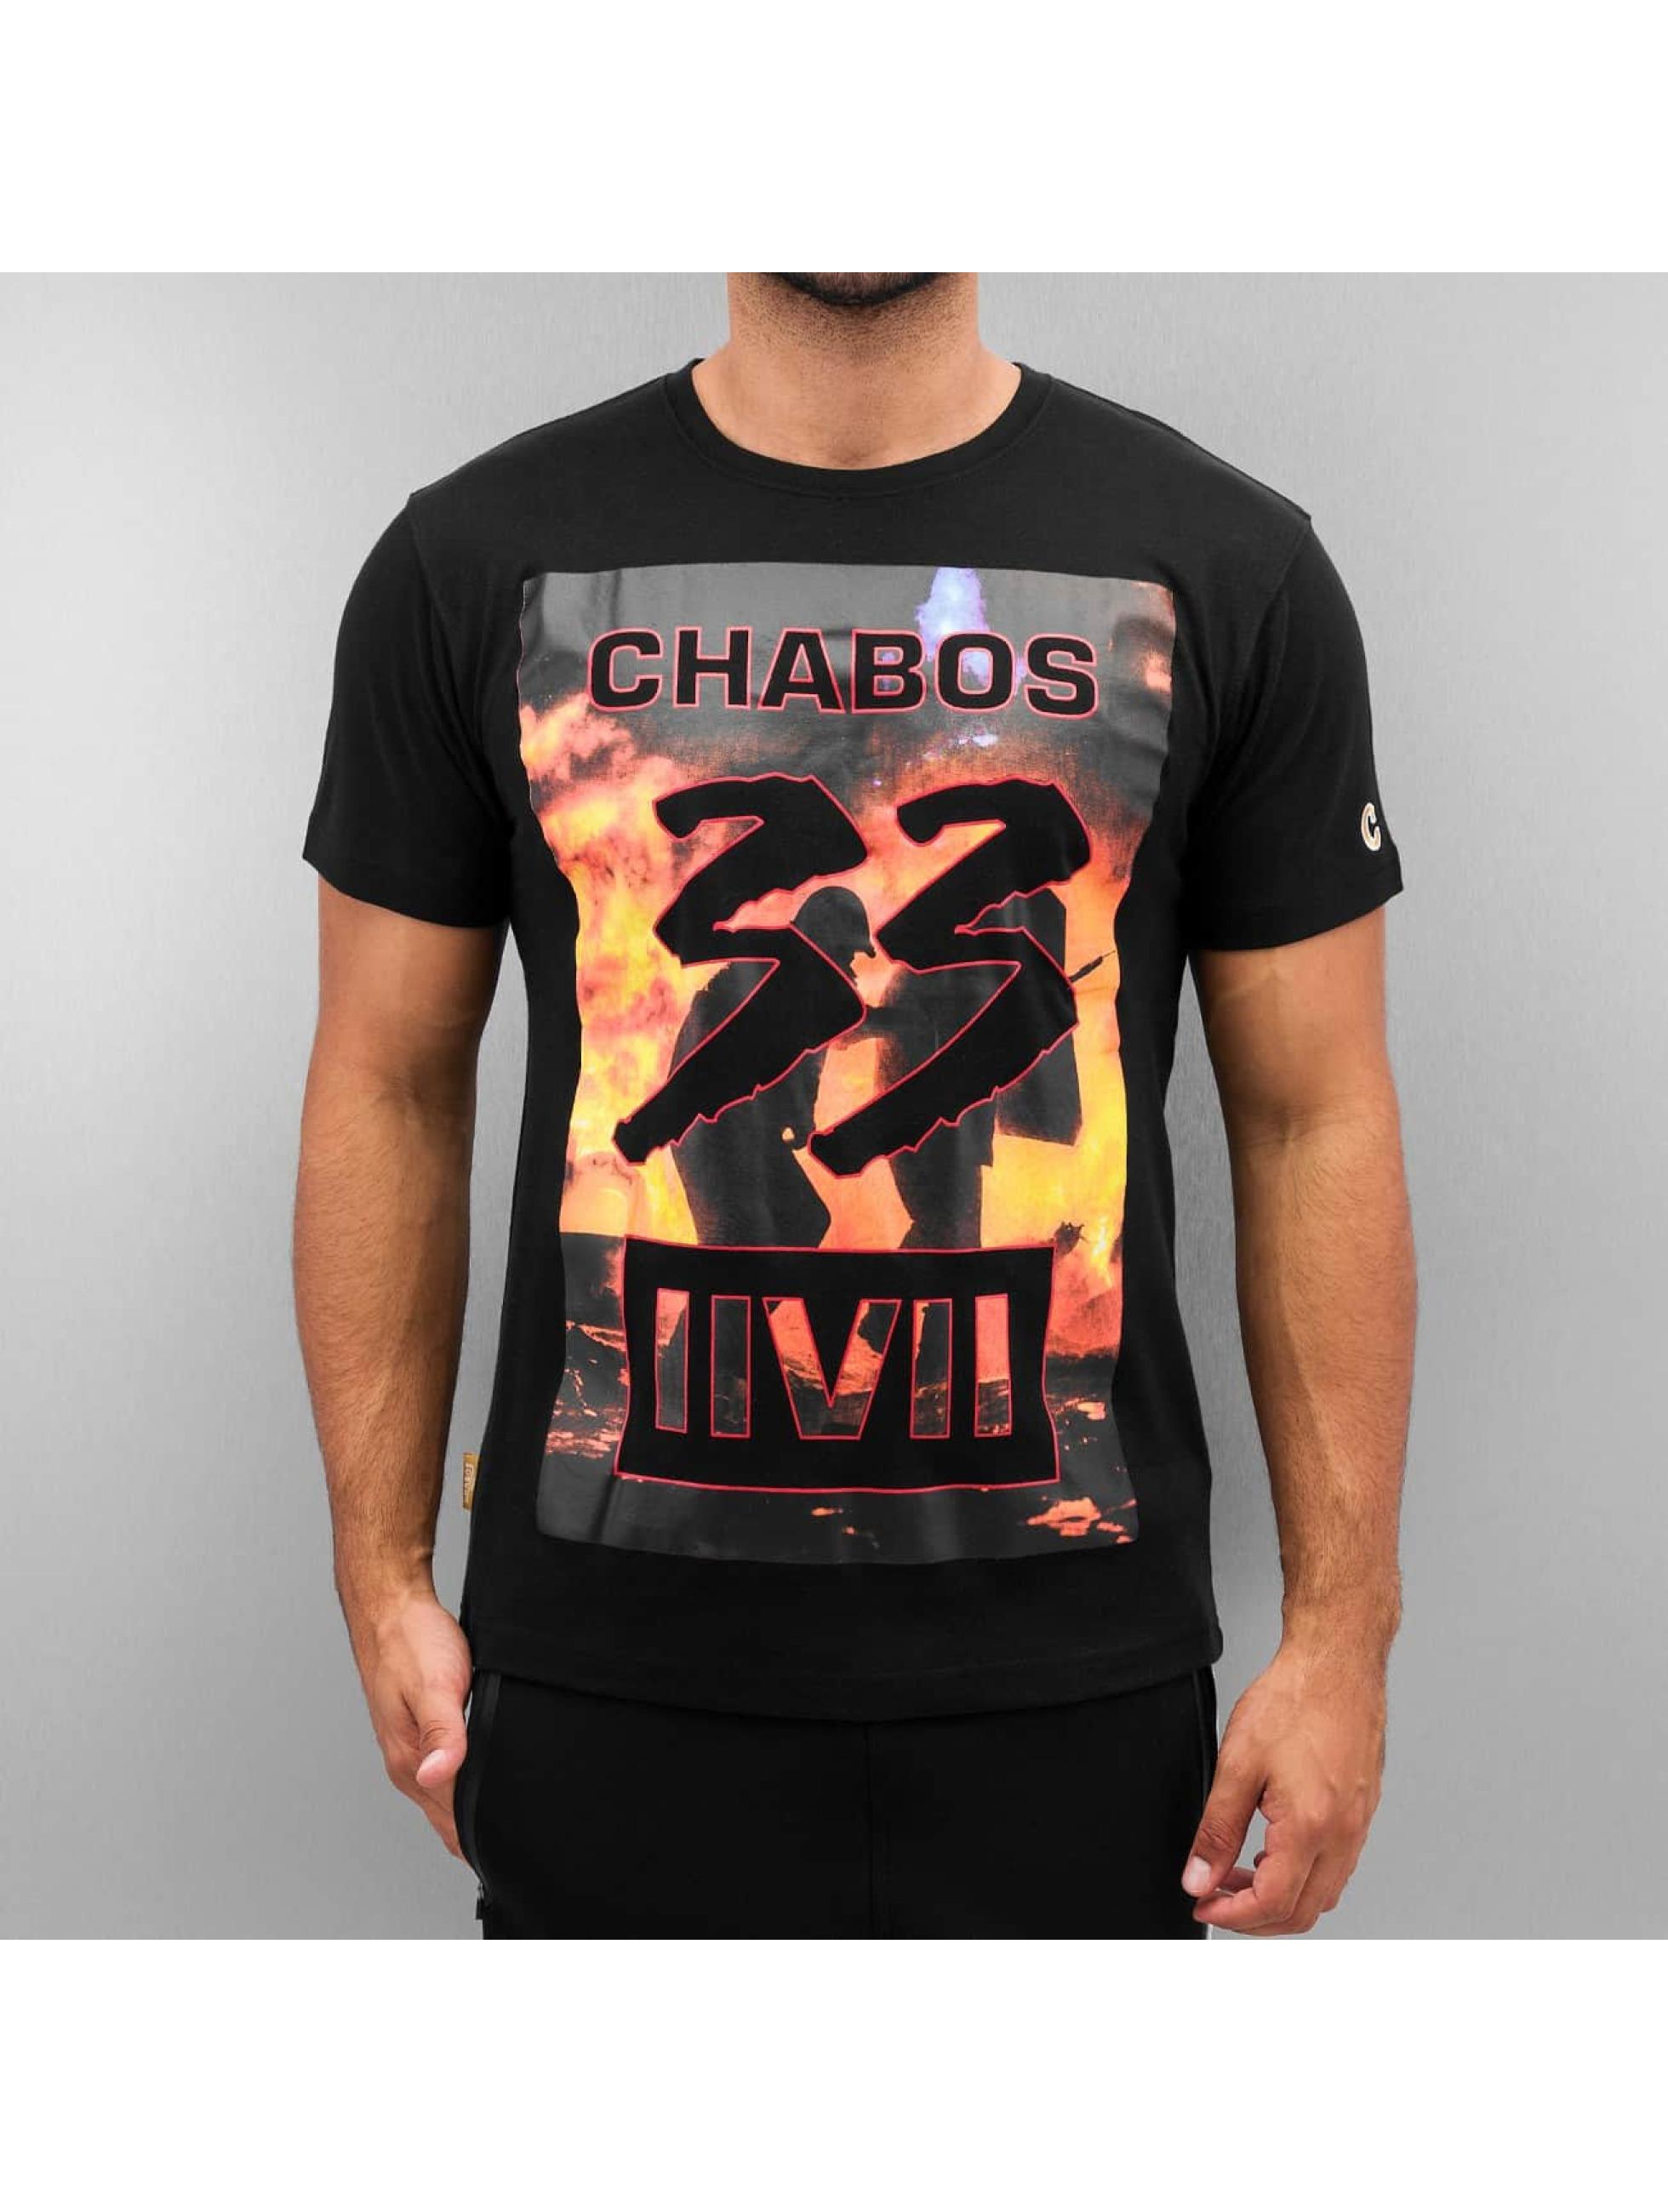 CHABOS IIVII Männer T-Shirt 33 in schwarz